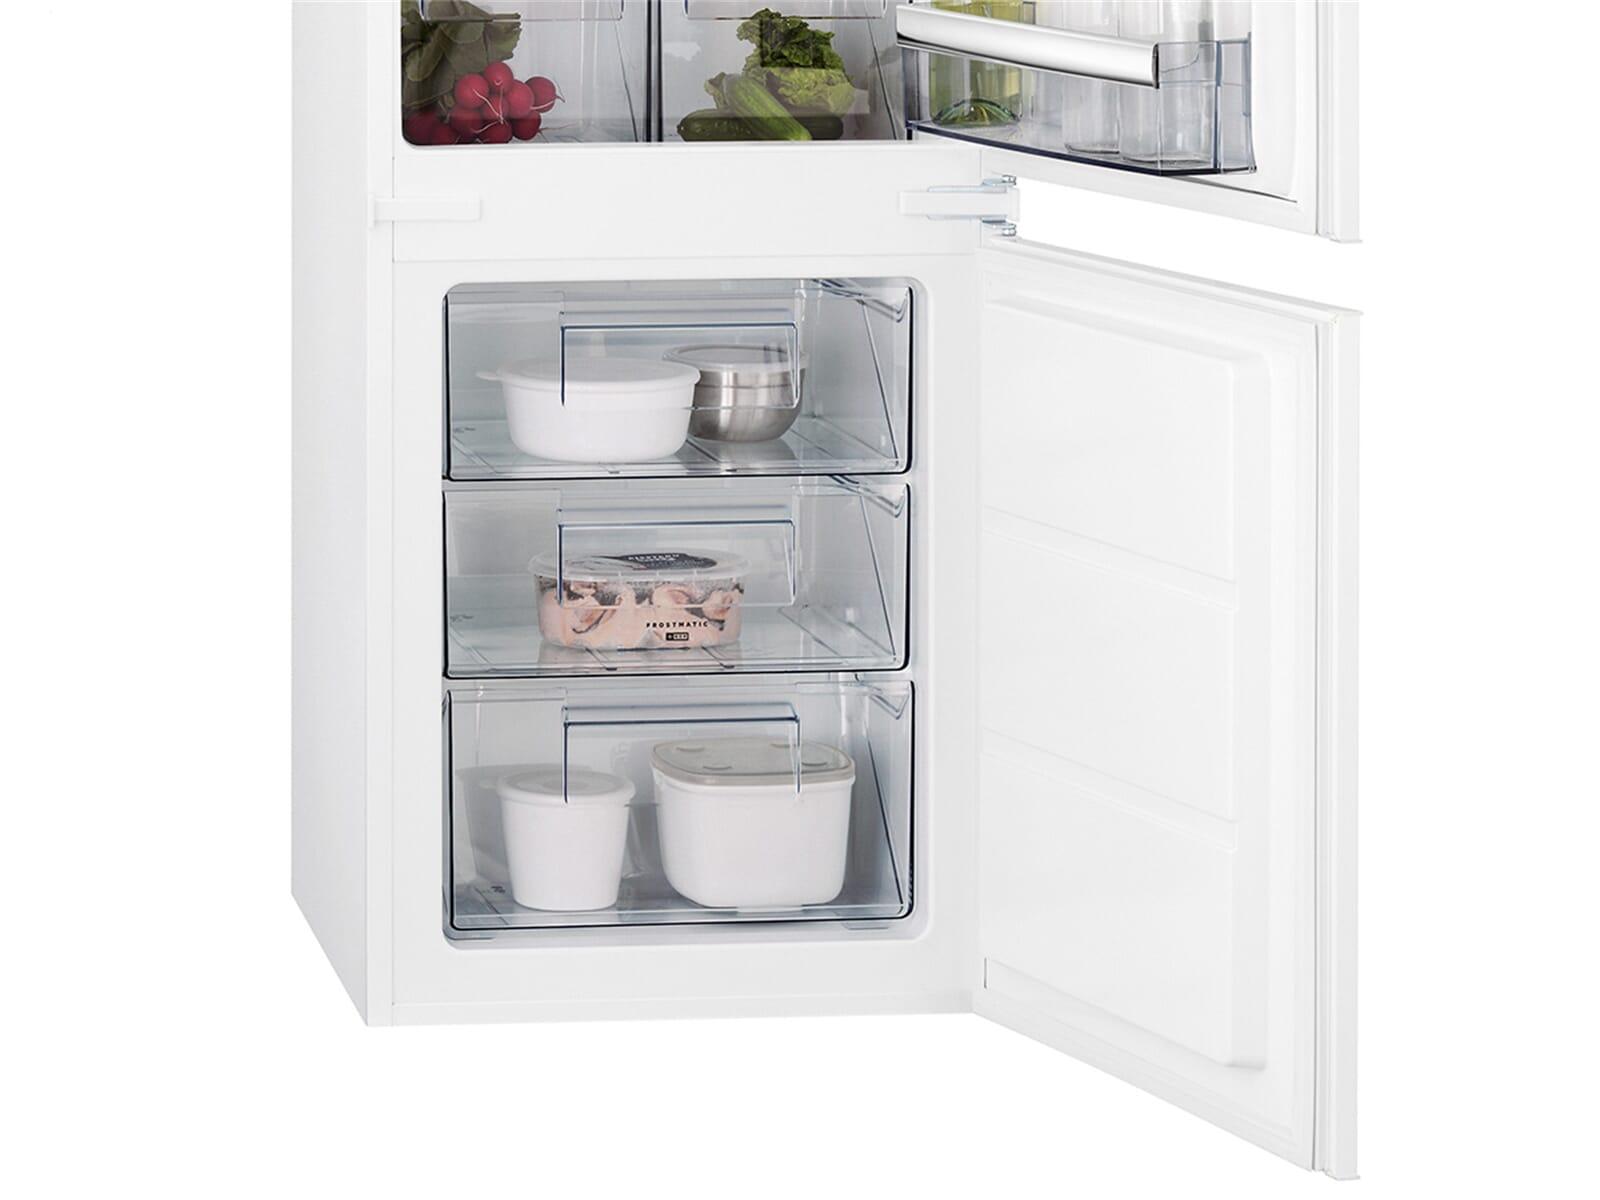 Aeg Kühlschrank Gefrierkombination : Aeg scb ls einbau kühl gefrierkombination